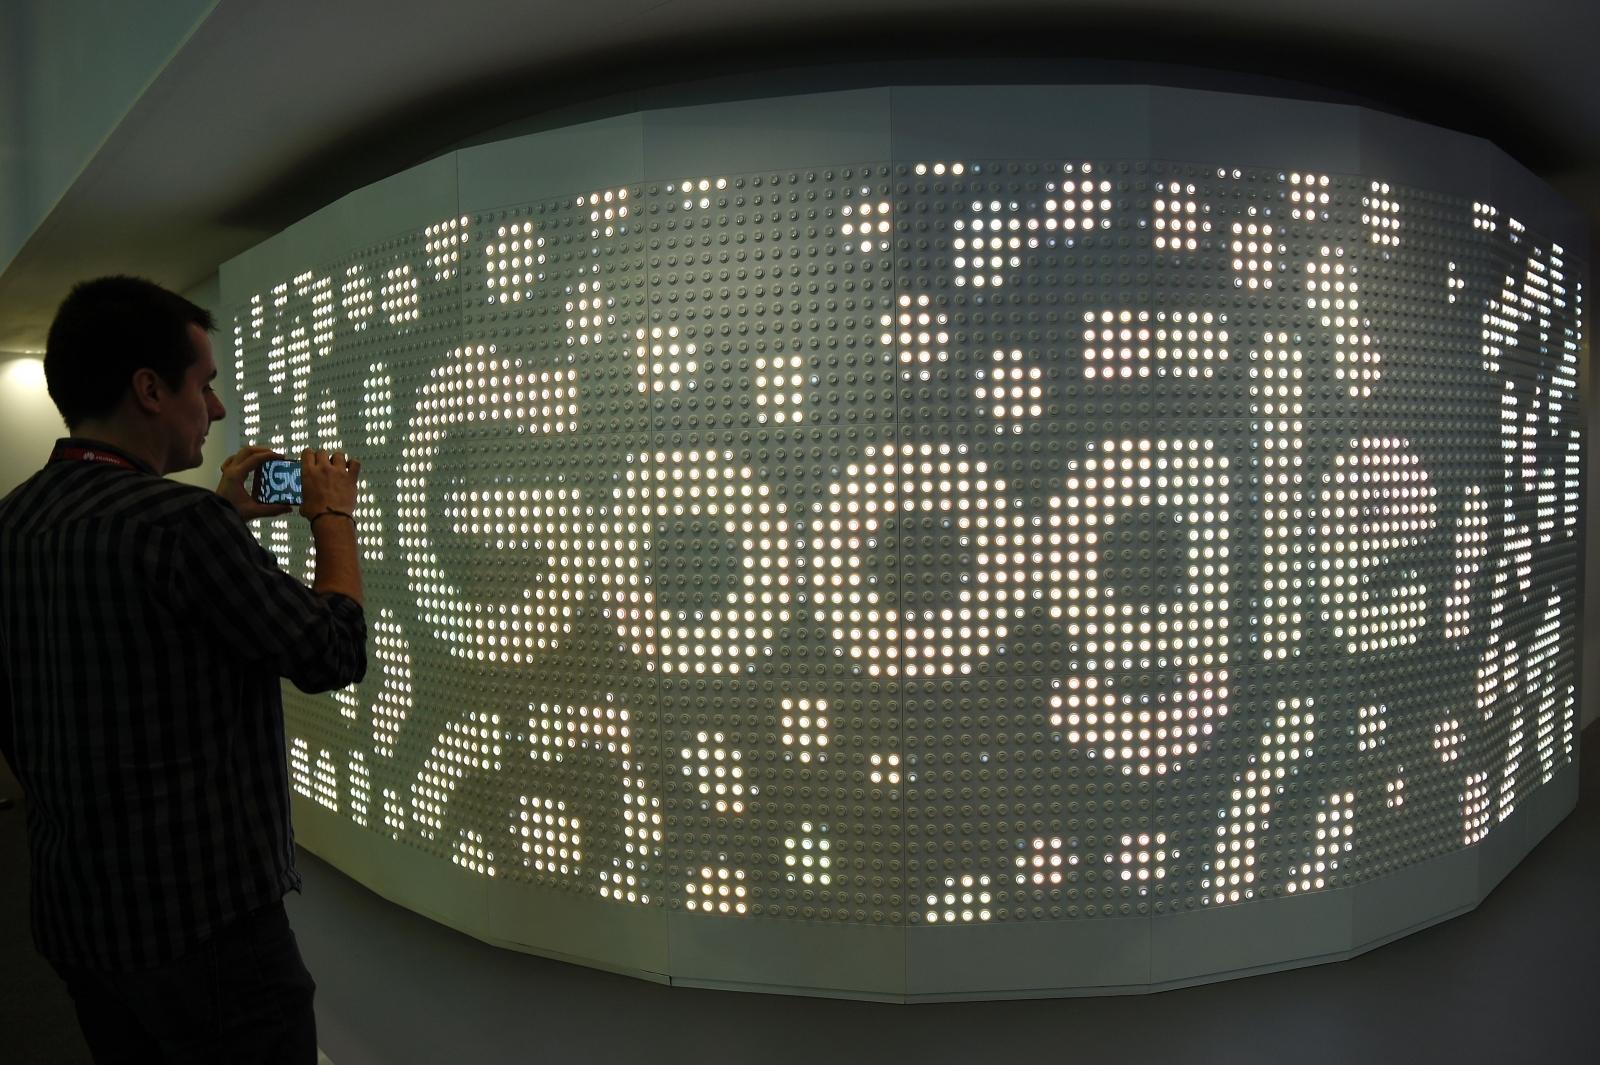 Google is 'a bully' says Vivaldi CEO